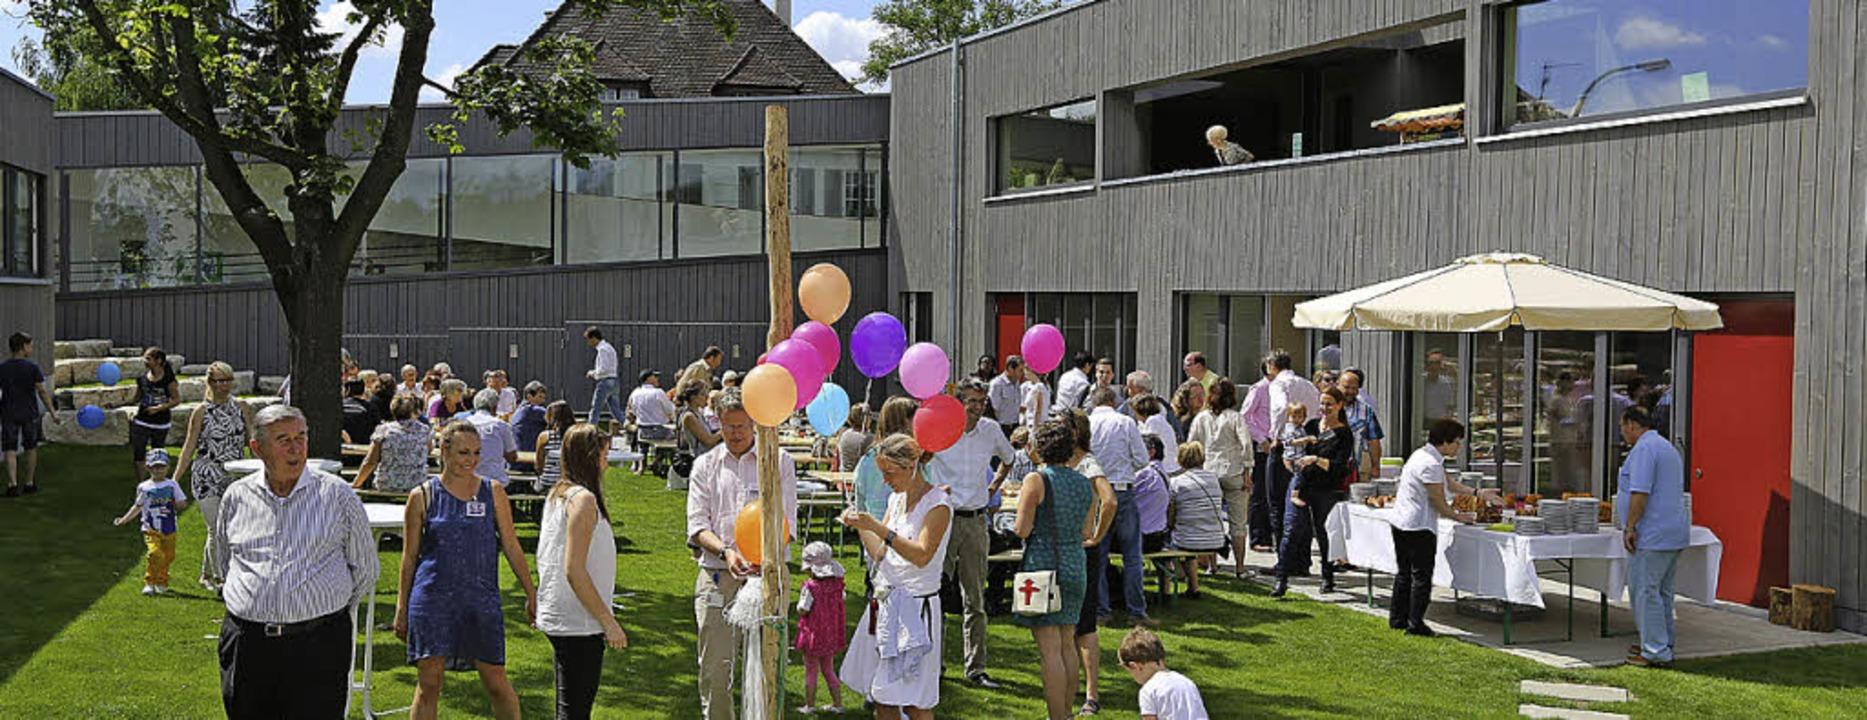 Fröhliche Stimmung herrschte beim Fest in der Roche-Kita.   | Foto: Privat